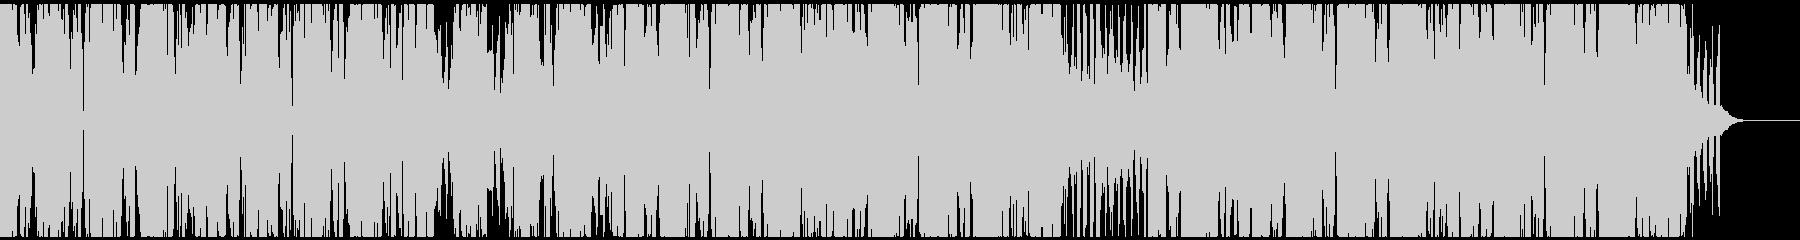 優しく流麗なエレピとシンセのヒップホップの未再生の波形